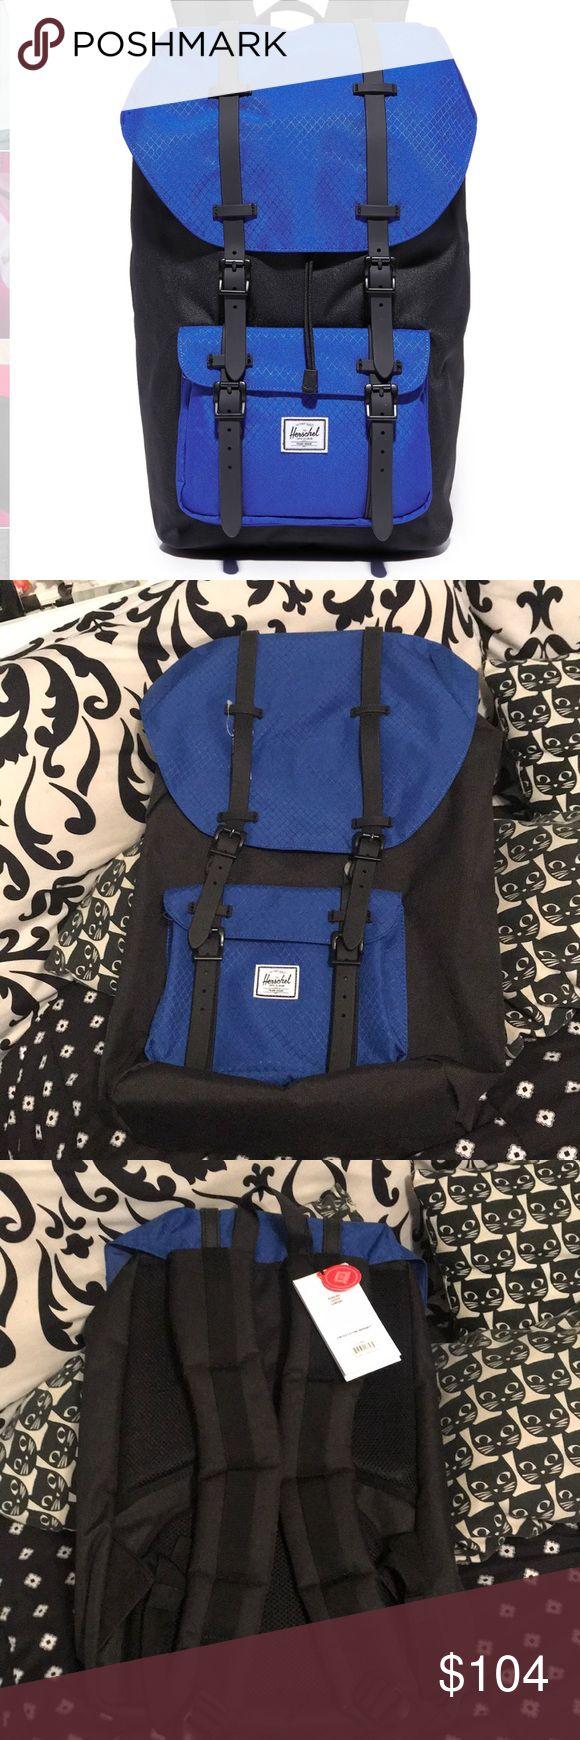 Herschel backpack Brand new Herschel backpack Herschel Supply Company Bags Backpacks